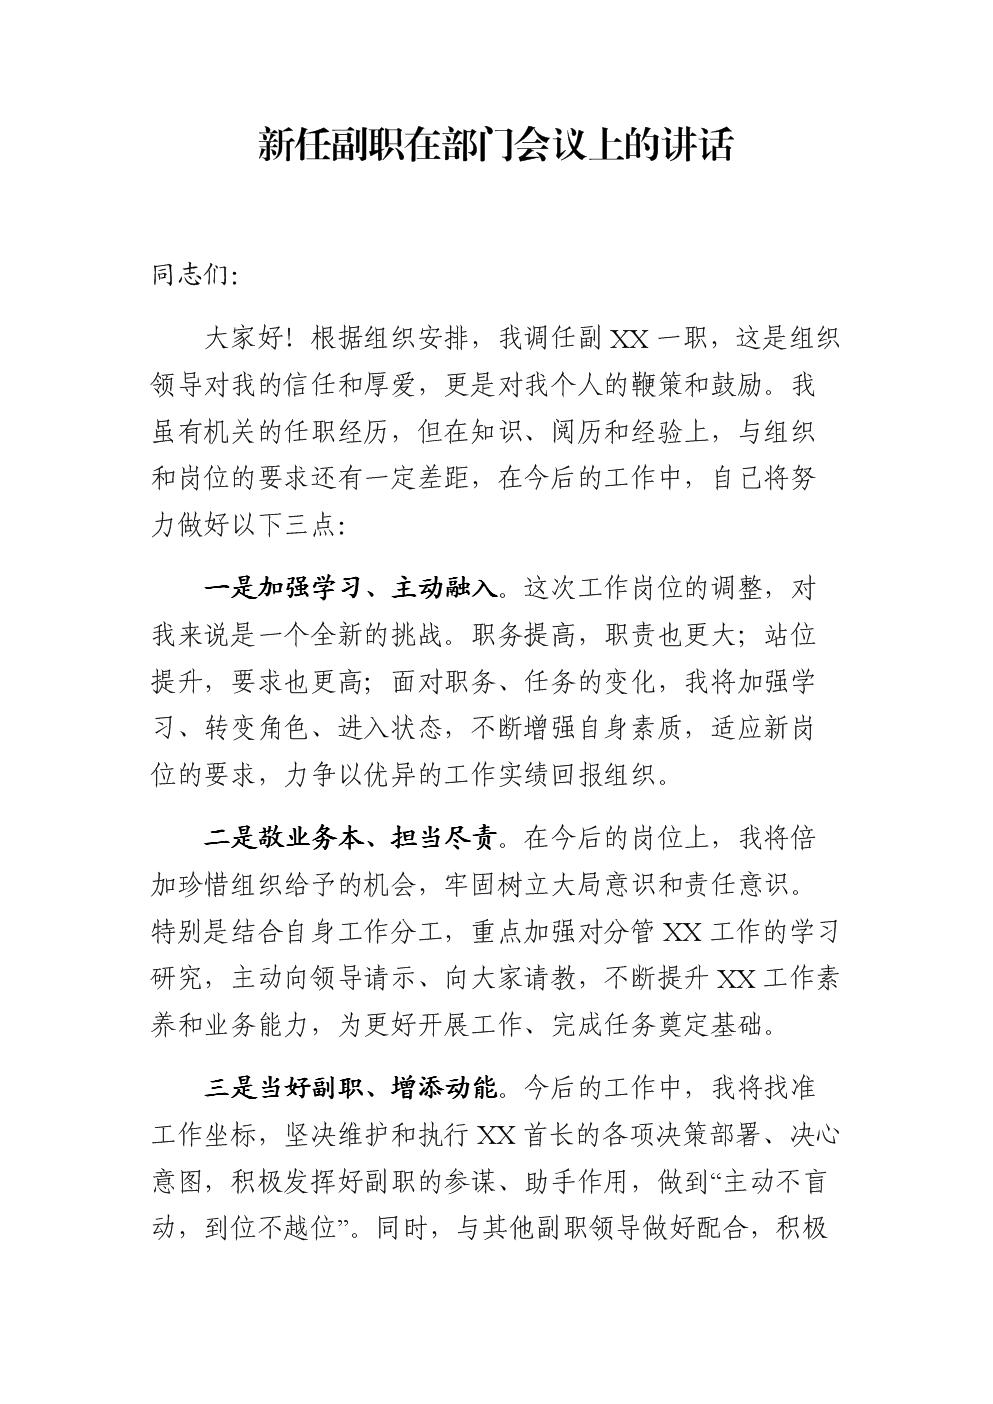 2019年新任副职在部门会议上的讲话(范文).docx